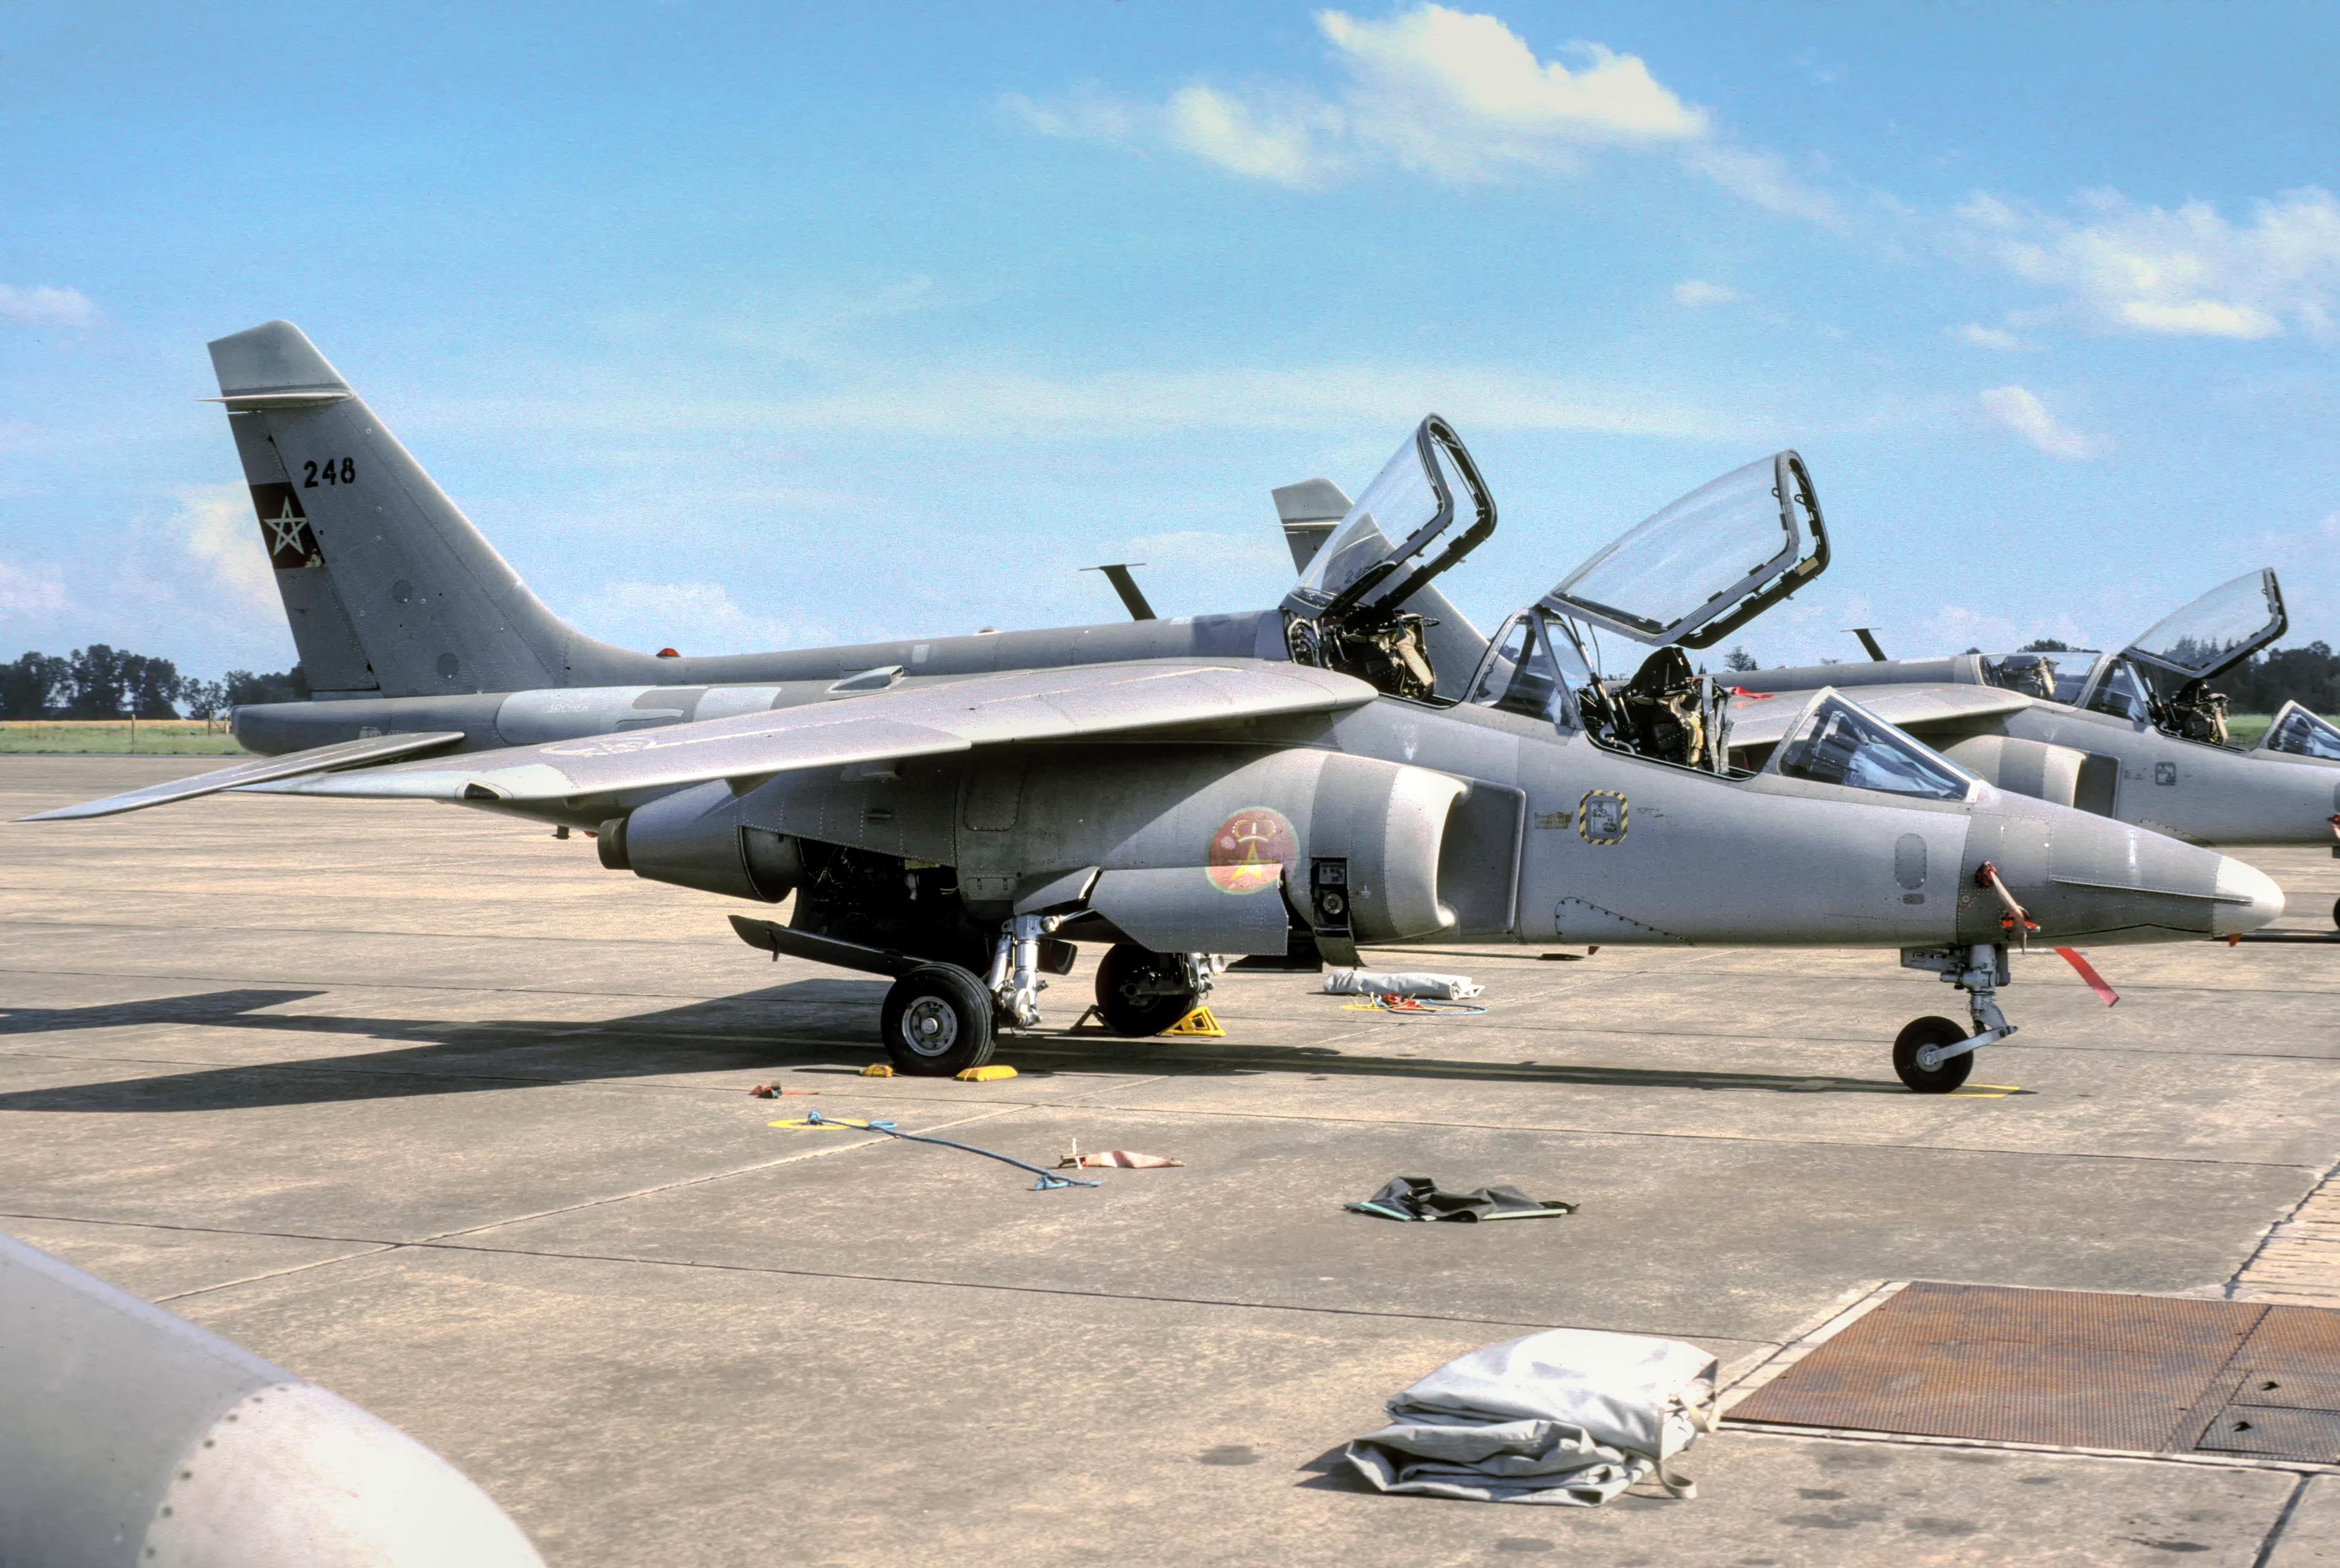 FRA: Photos avions d'entrainement et anti insurrection - Page 9 33345207076_20b275eb6d_o